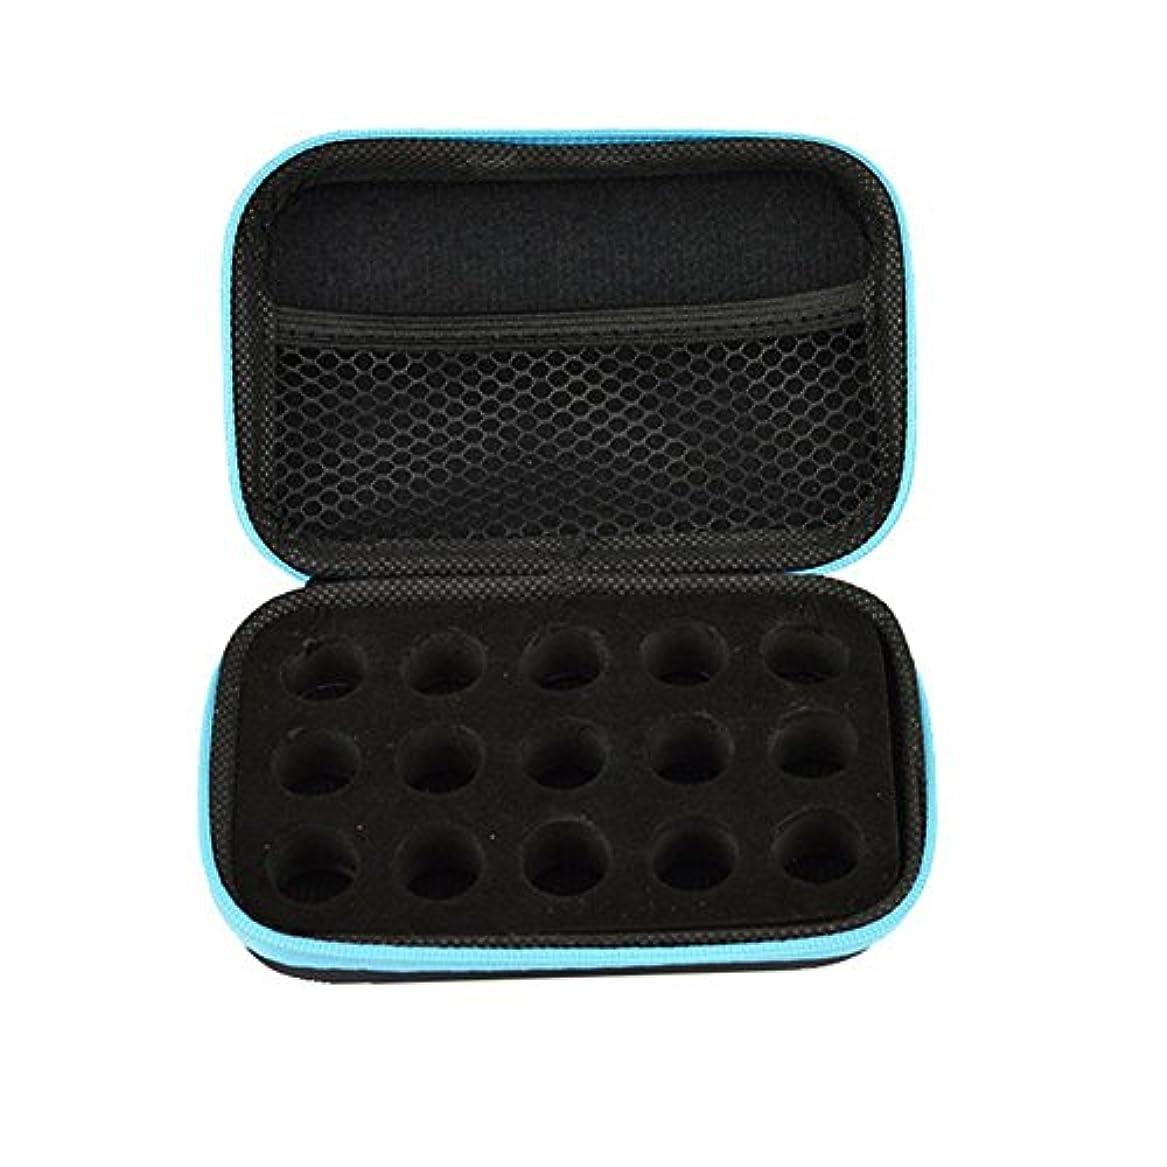 相反するアンティークためにhouse-by アロマポーチ エッセンシャルオイル ケース 携帯用 アロマケース メイクポーチ 精油ケース 大容量 アロマセラピストポーチ 15本の精油貯蔵袋1ML2ML3ML